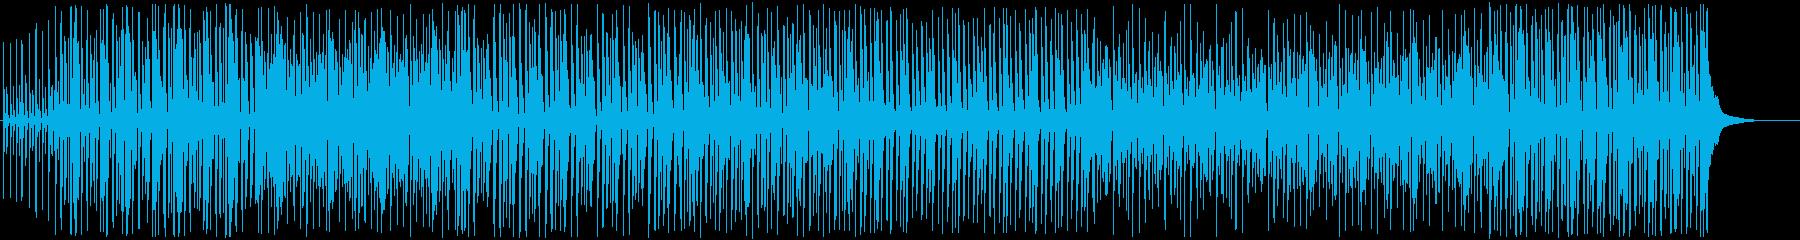 晴れの日のハッピーで可愛い口笛ポップ♫の再生済みの波形